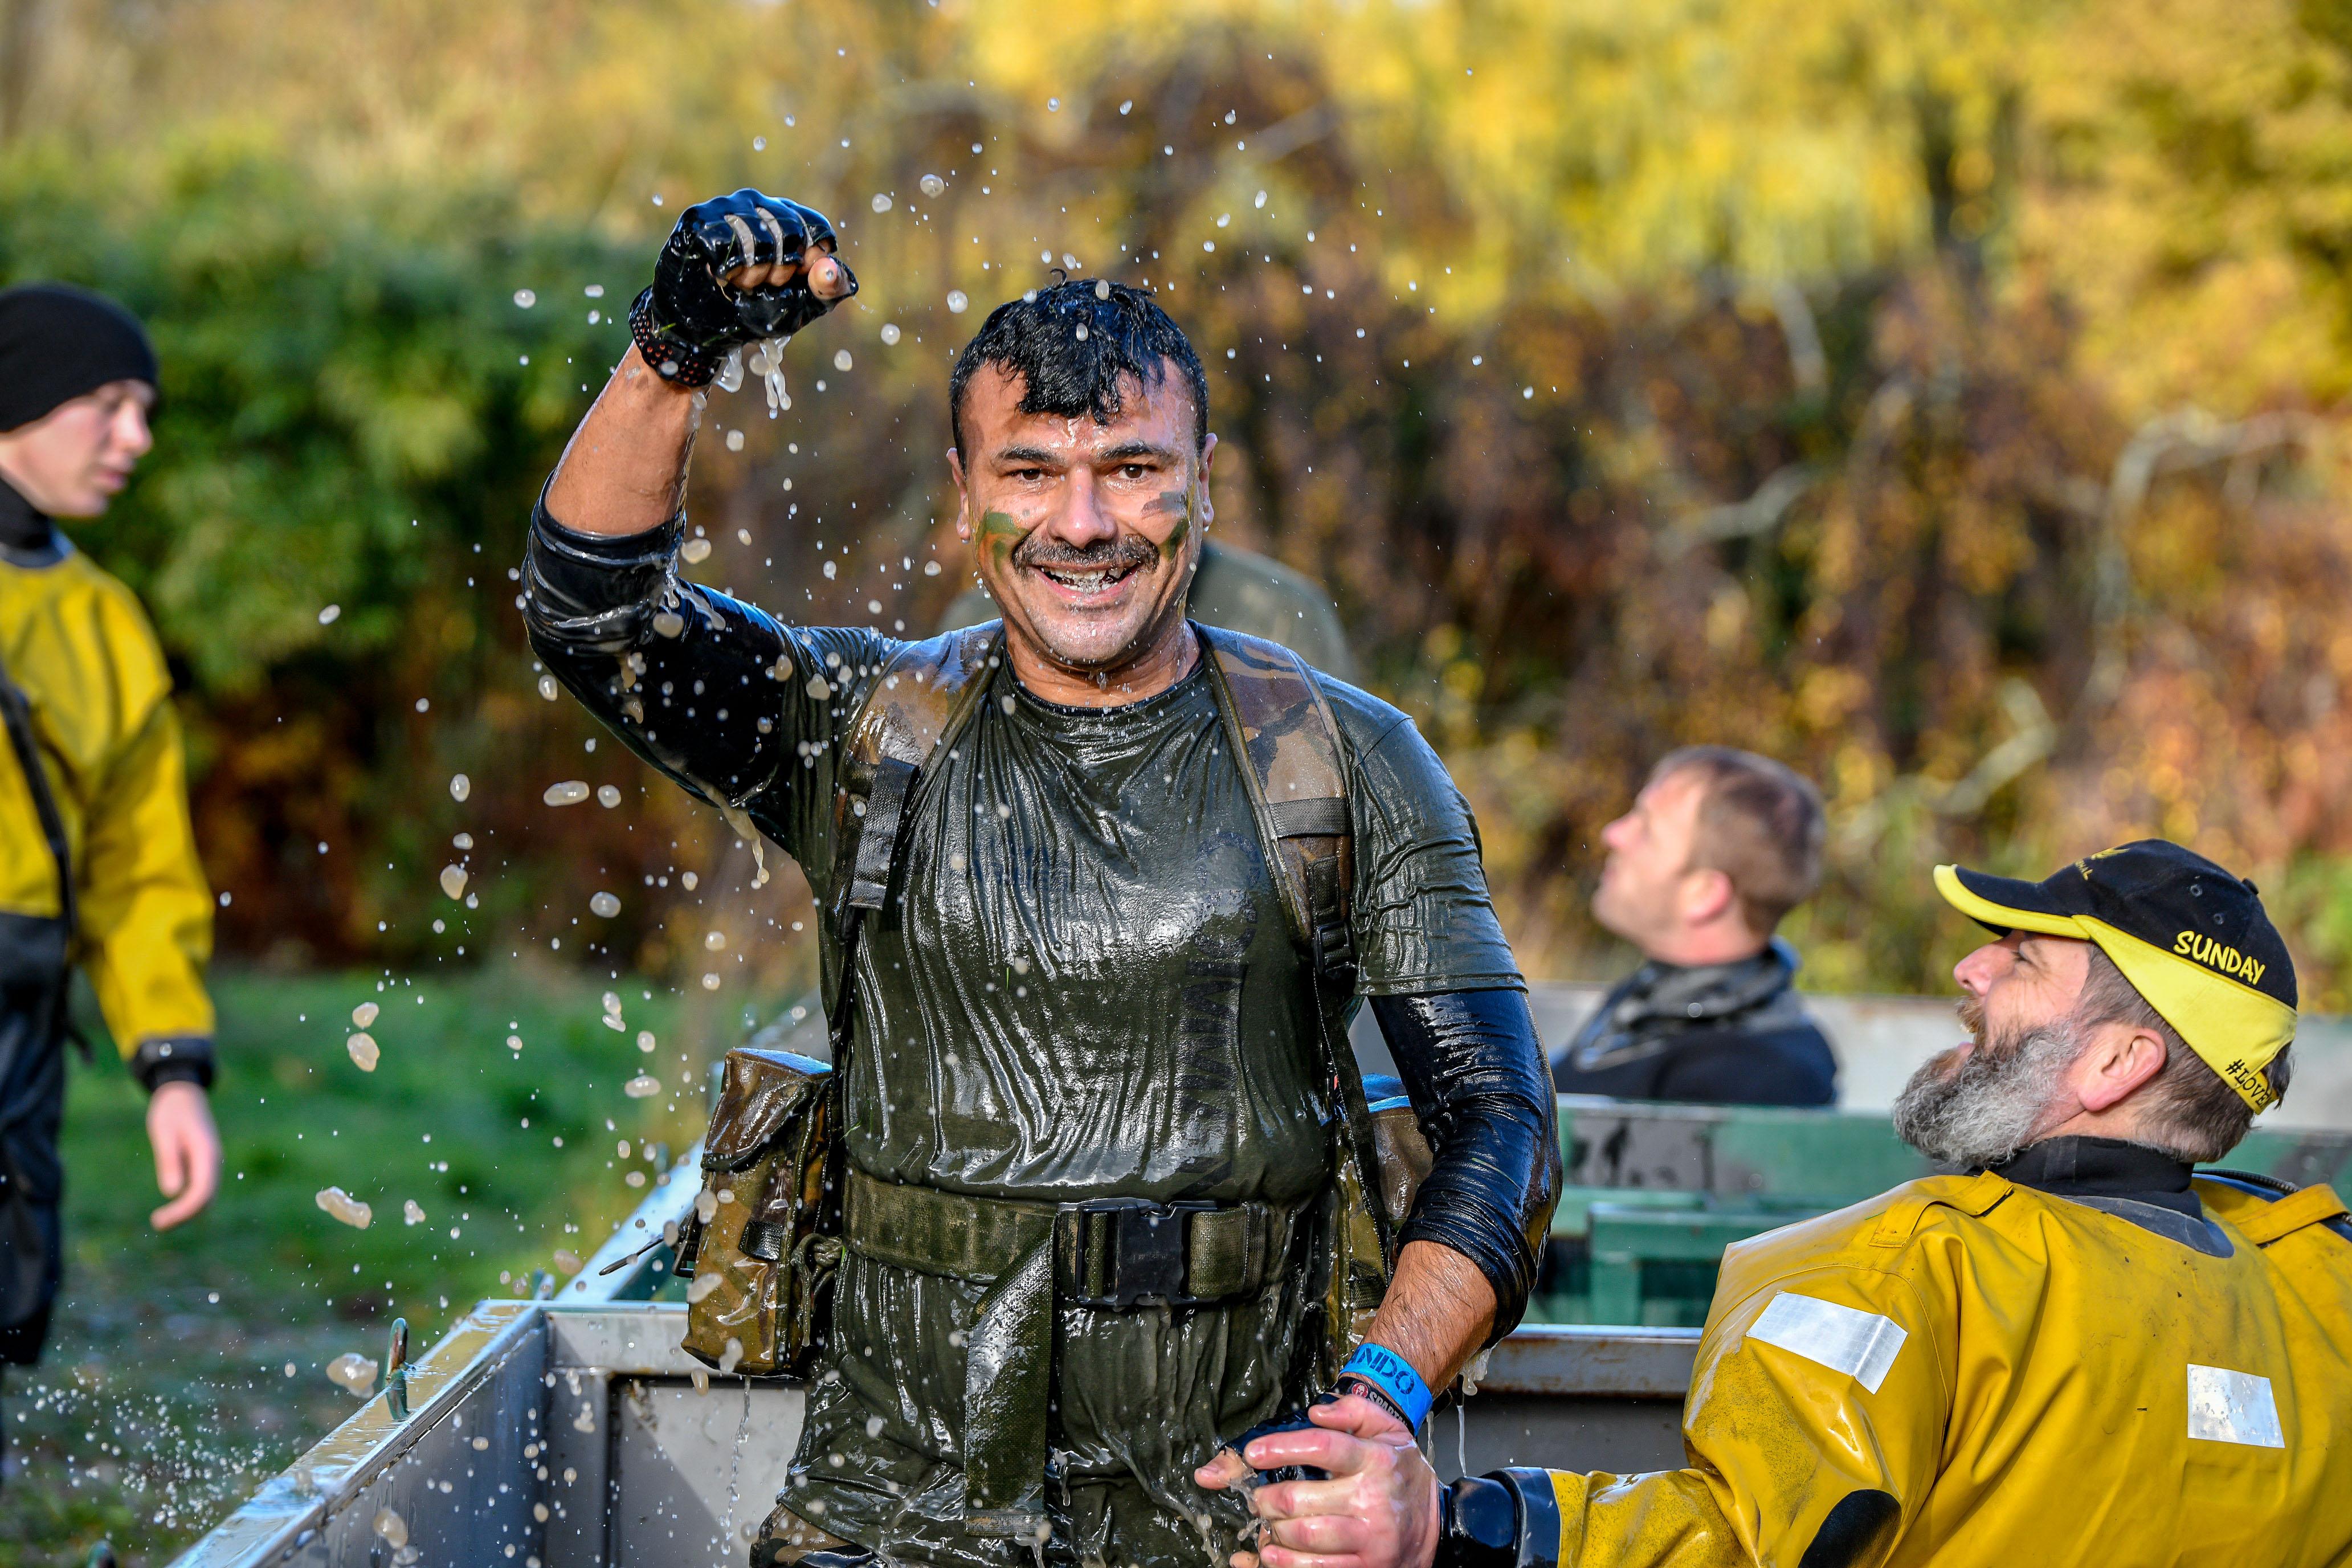 Commando at Hever Castle - image 2